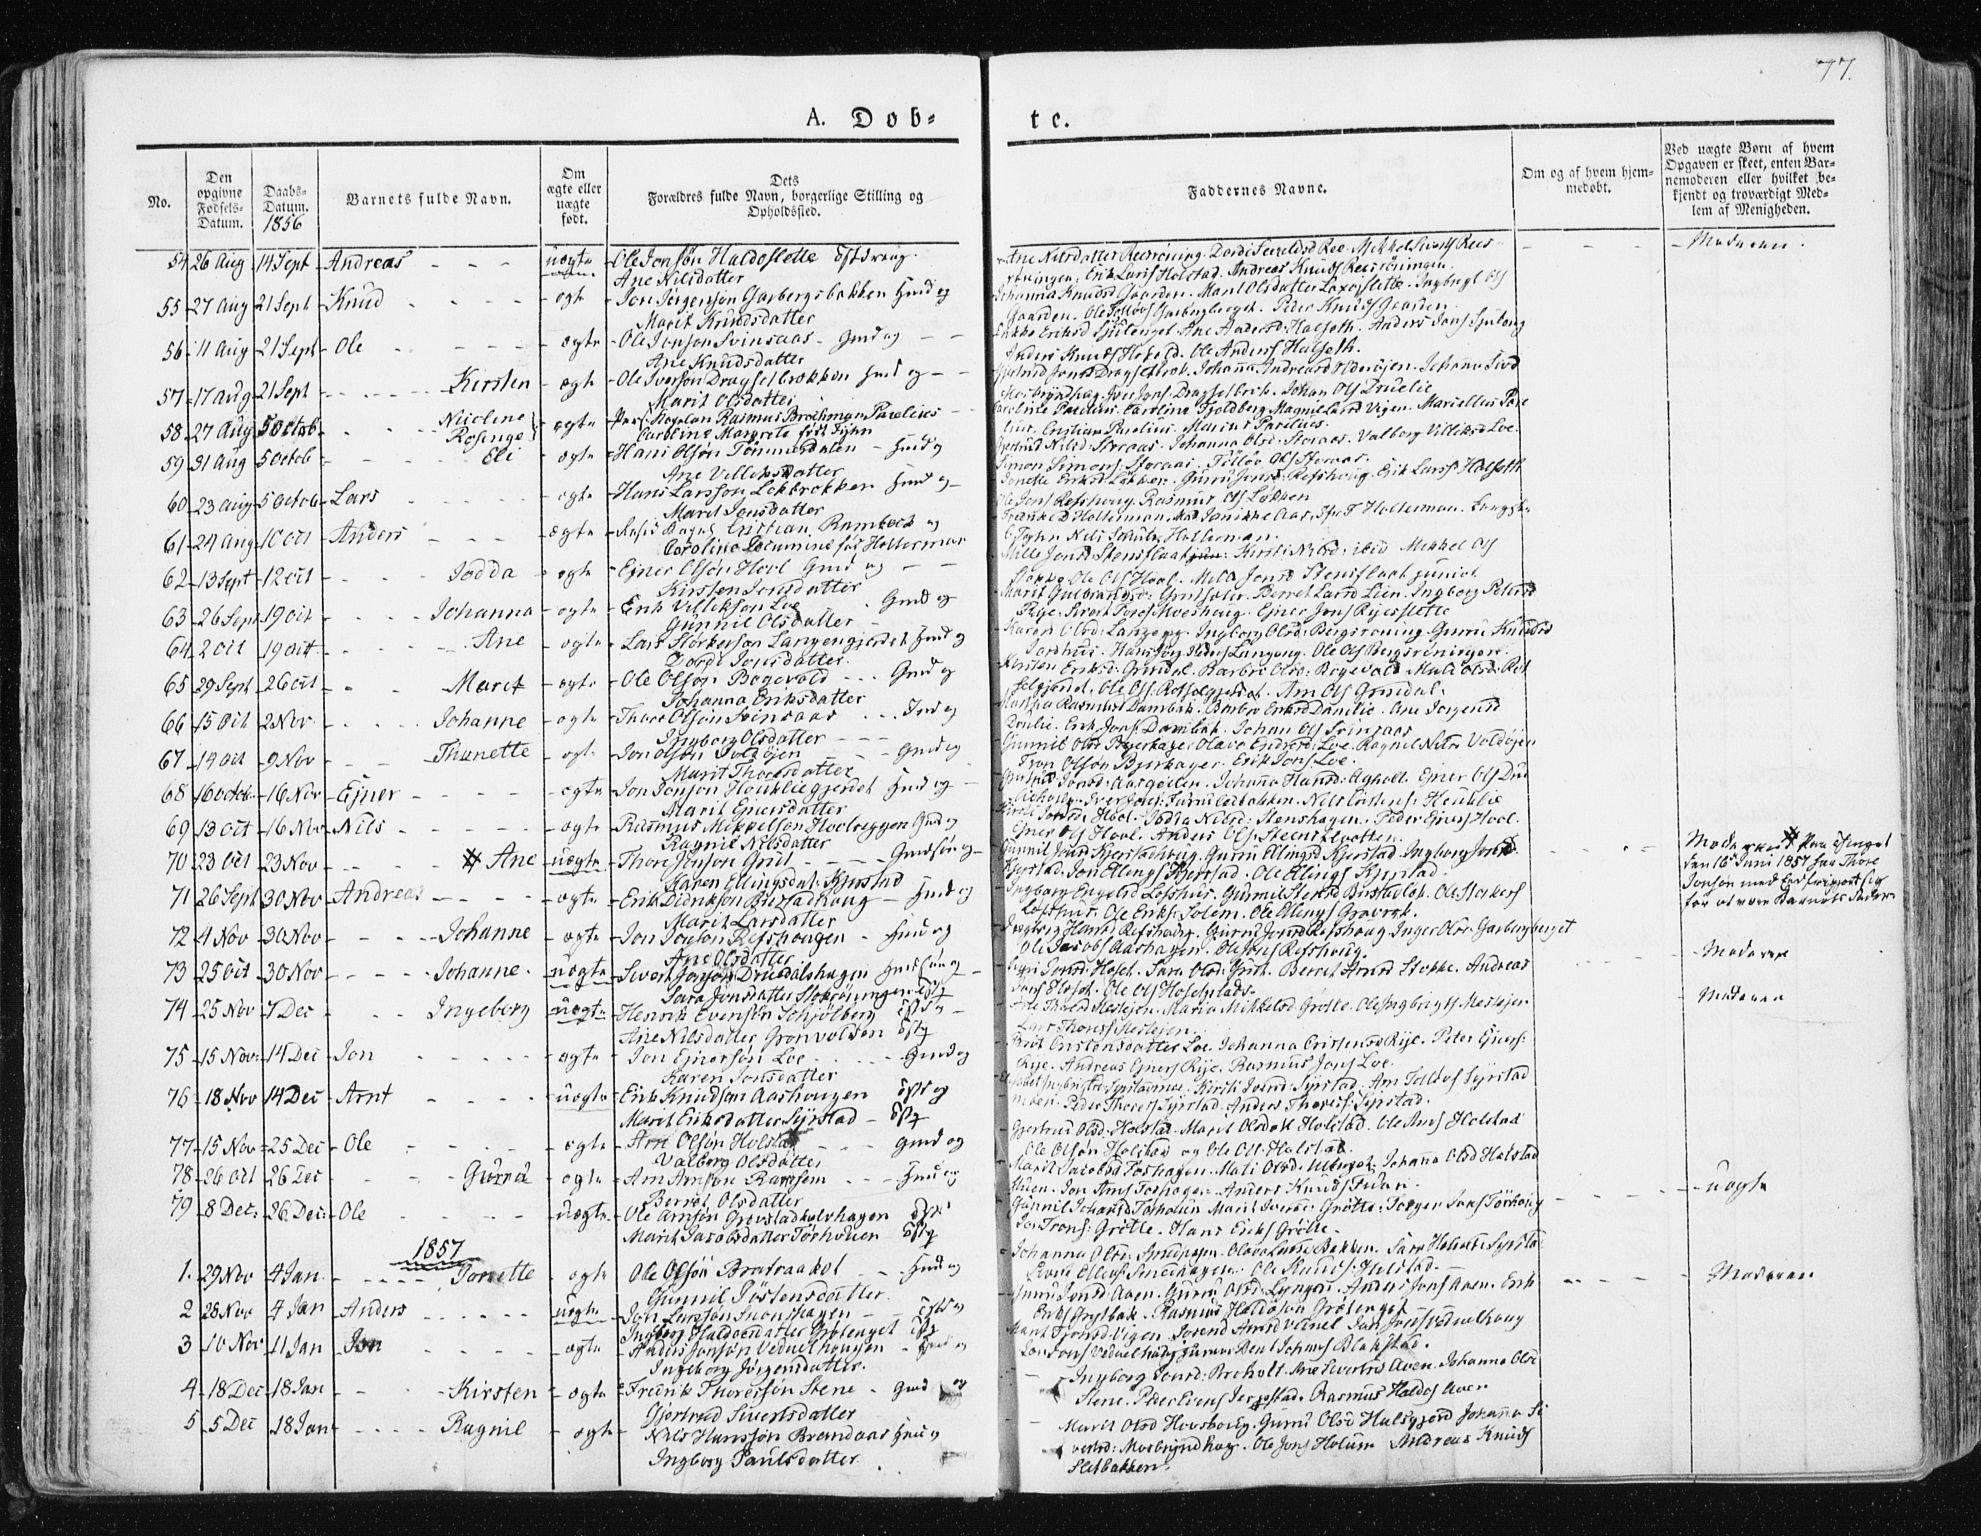 SAT, Ministerialprotokoller, klokkerbøker og fødselsregistre - Sør-Trøndelag, 672/L0855: Ministerialbok nr. 672A07, 1829-1860, s. 77